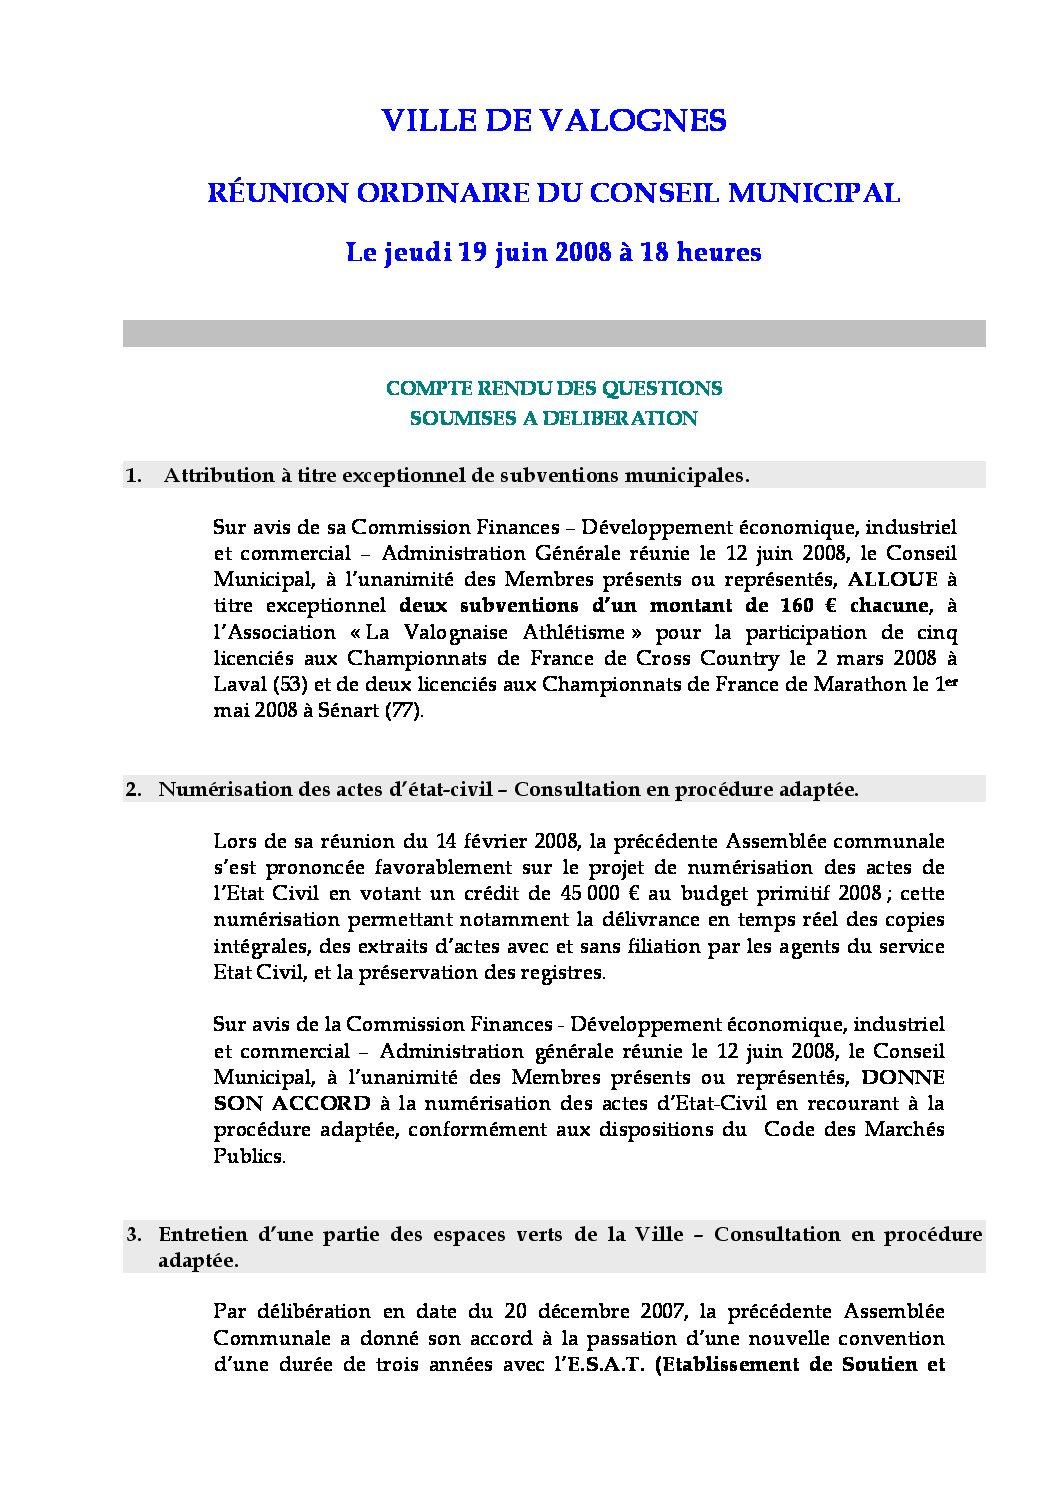 Extrait du registre des délibérations du 19-06-2008 - Compte rendu des questions soumises à délibération lors de la séance du Conseil Municipal du 19 juin 2008.